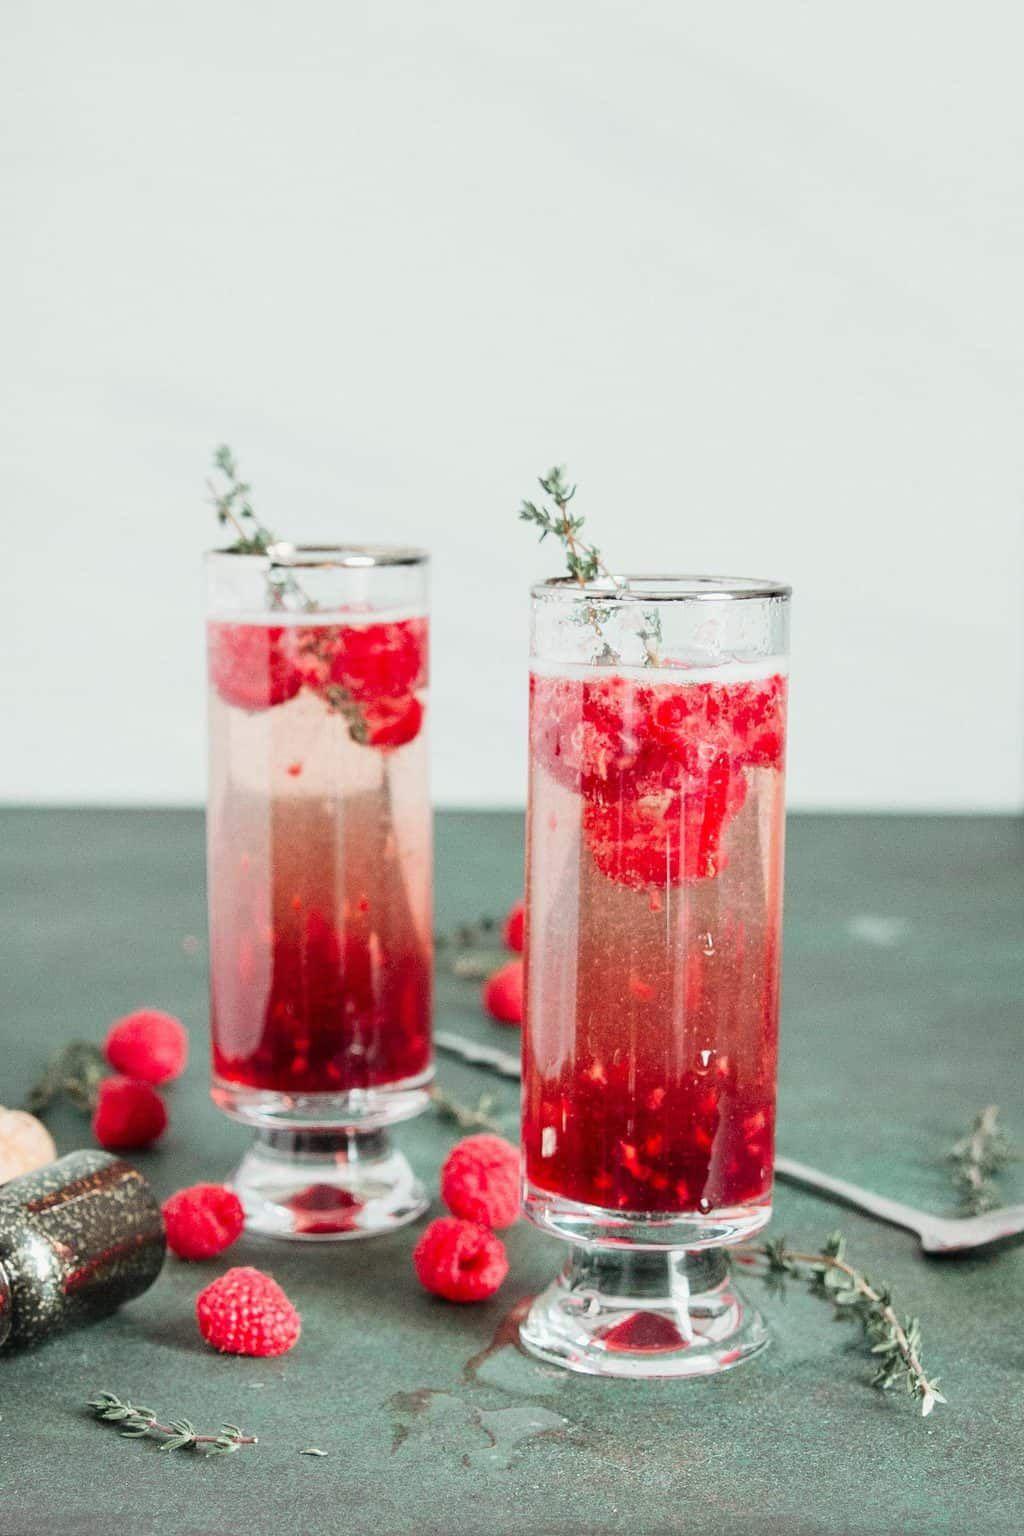 Kir Royale with Raspberries